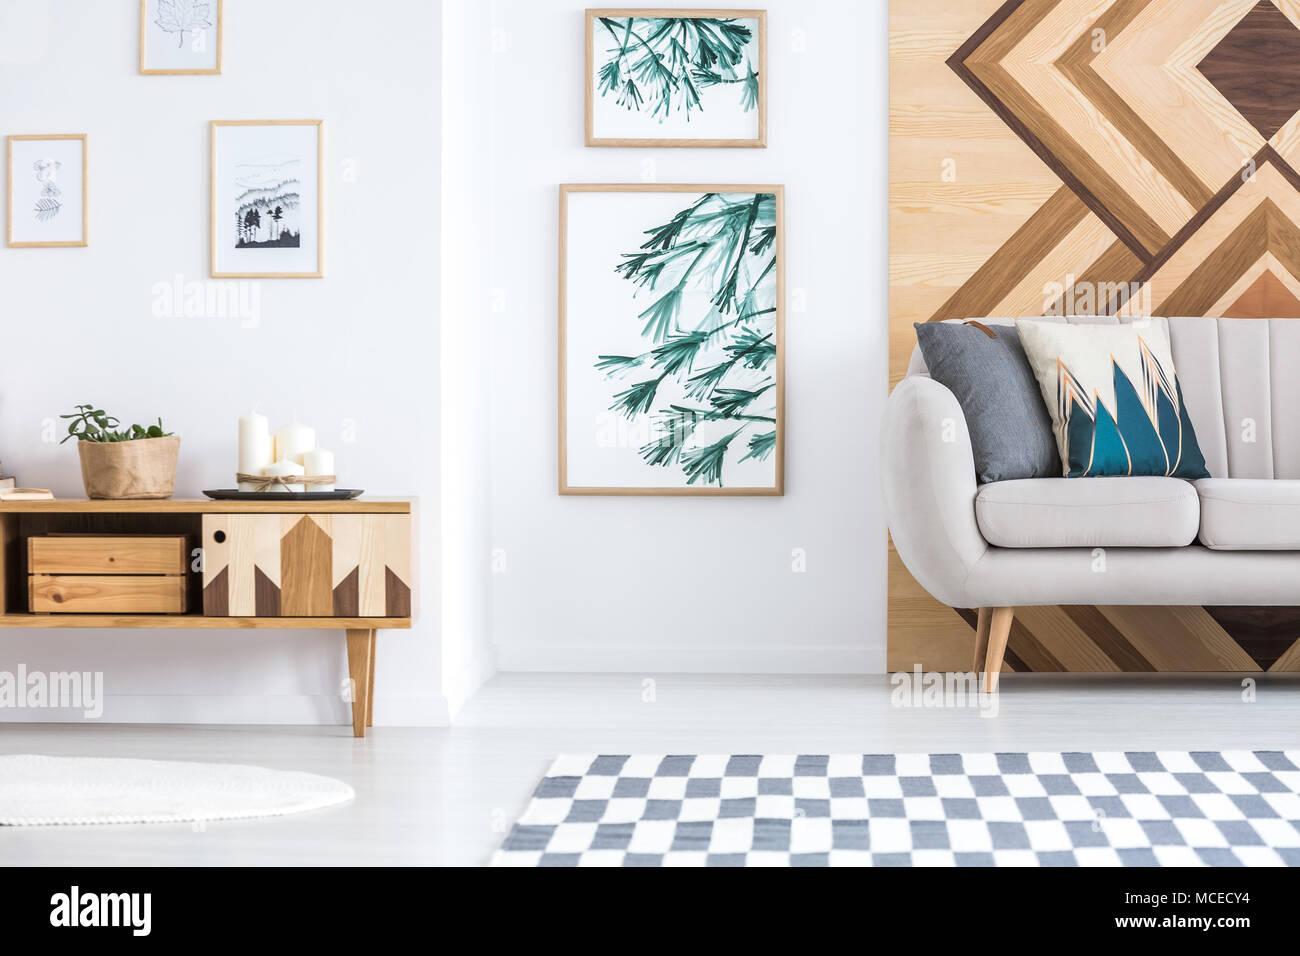 Credenza Legno Rustica : Galleria di manifesti nella rustica sala soggiorno interno con